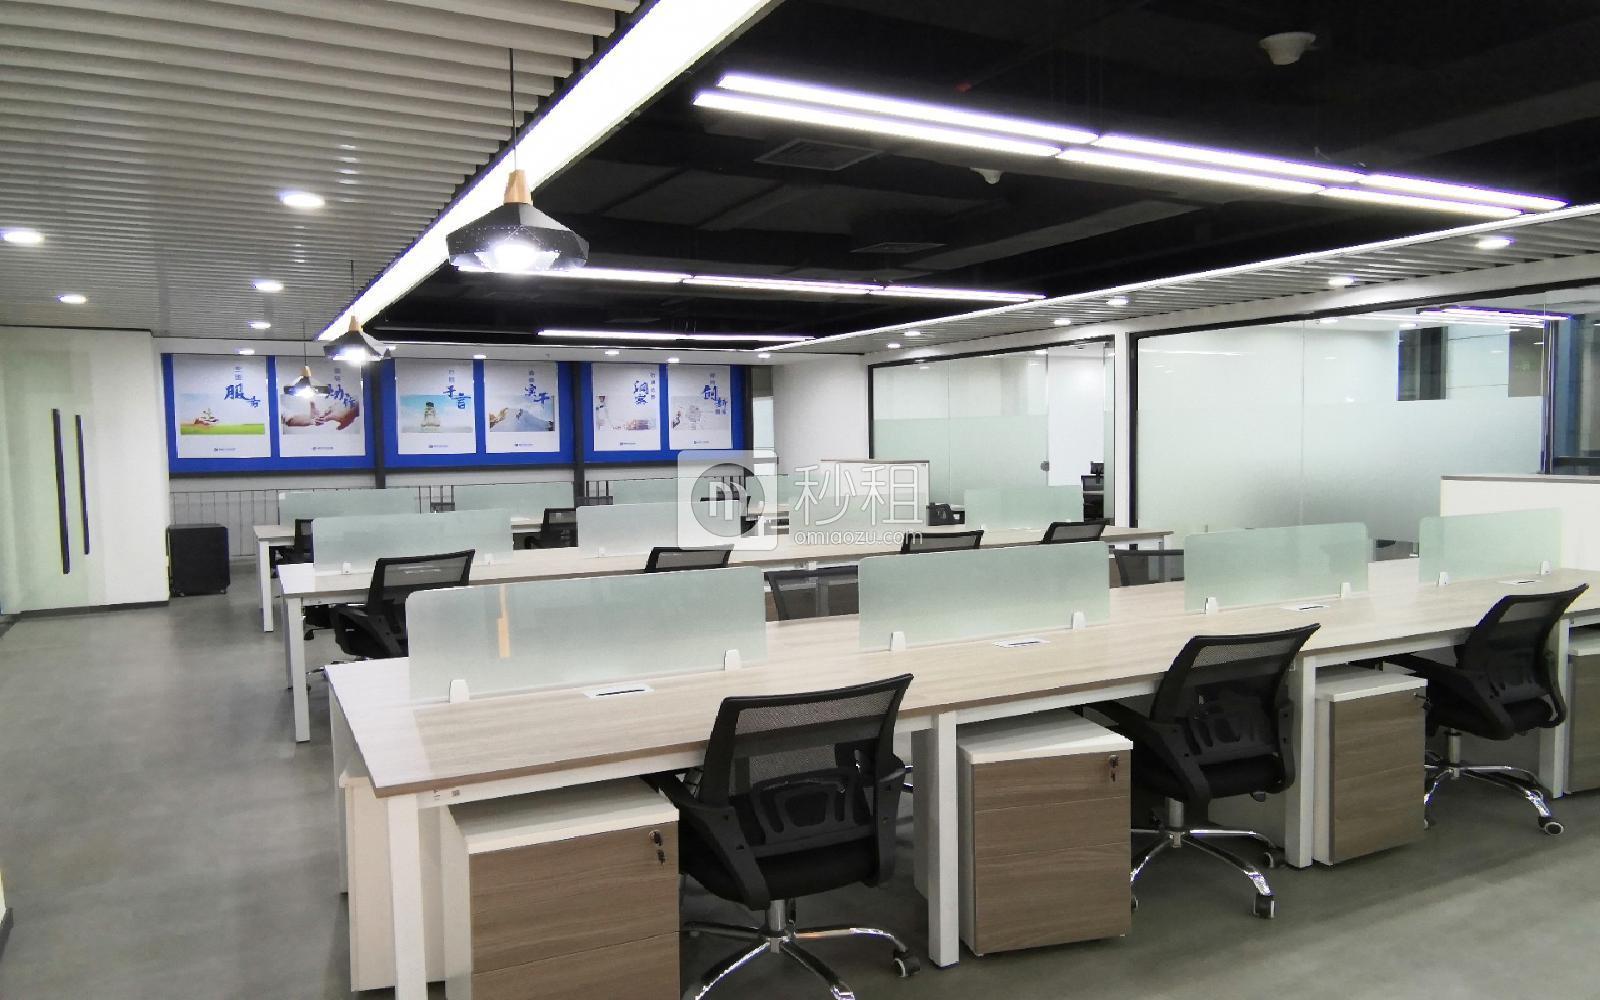 南山-科技园 深圳湾科技生态园(二期) 255m²